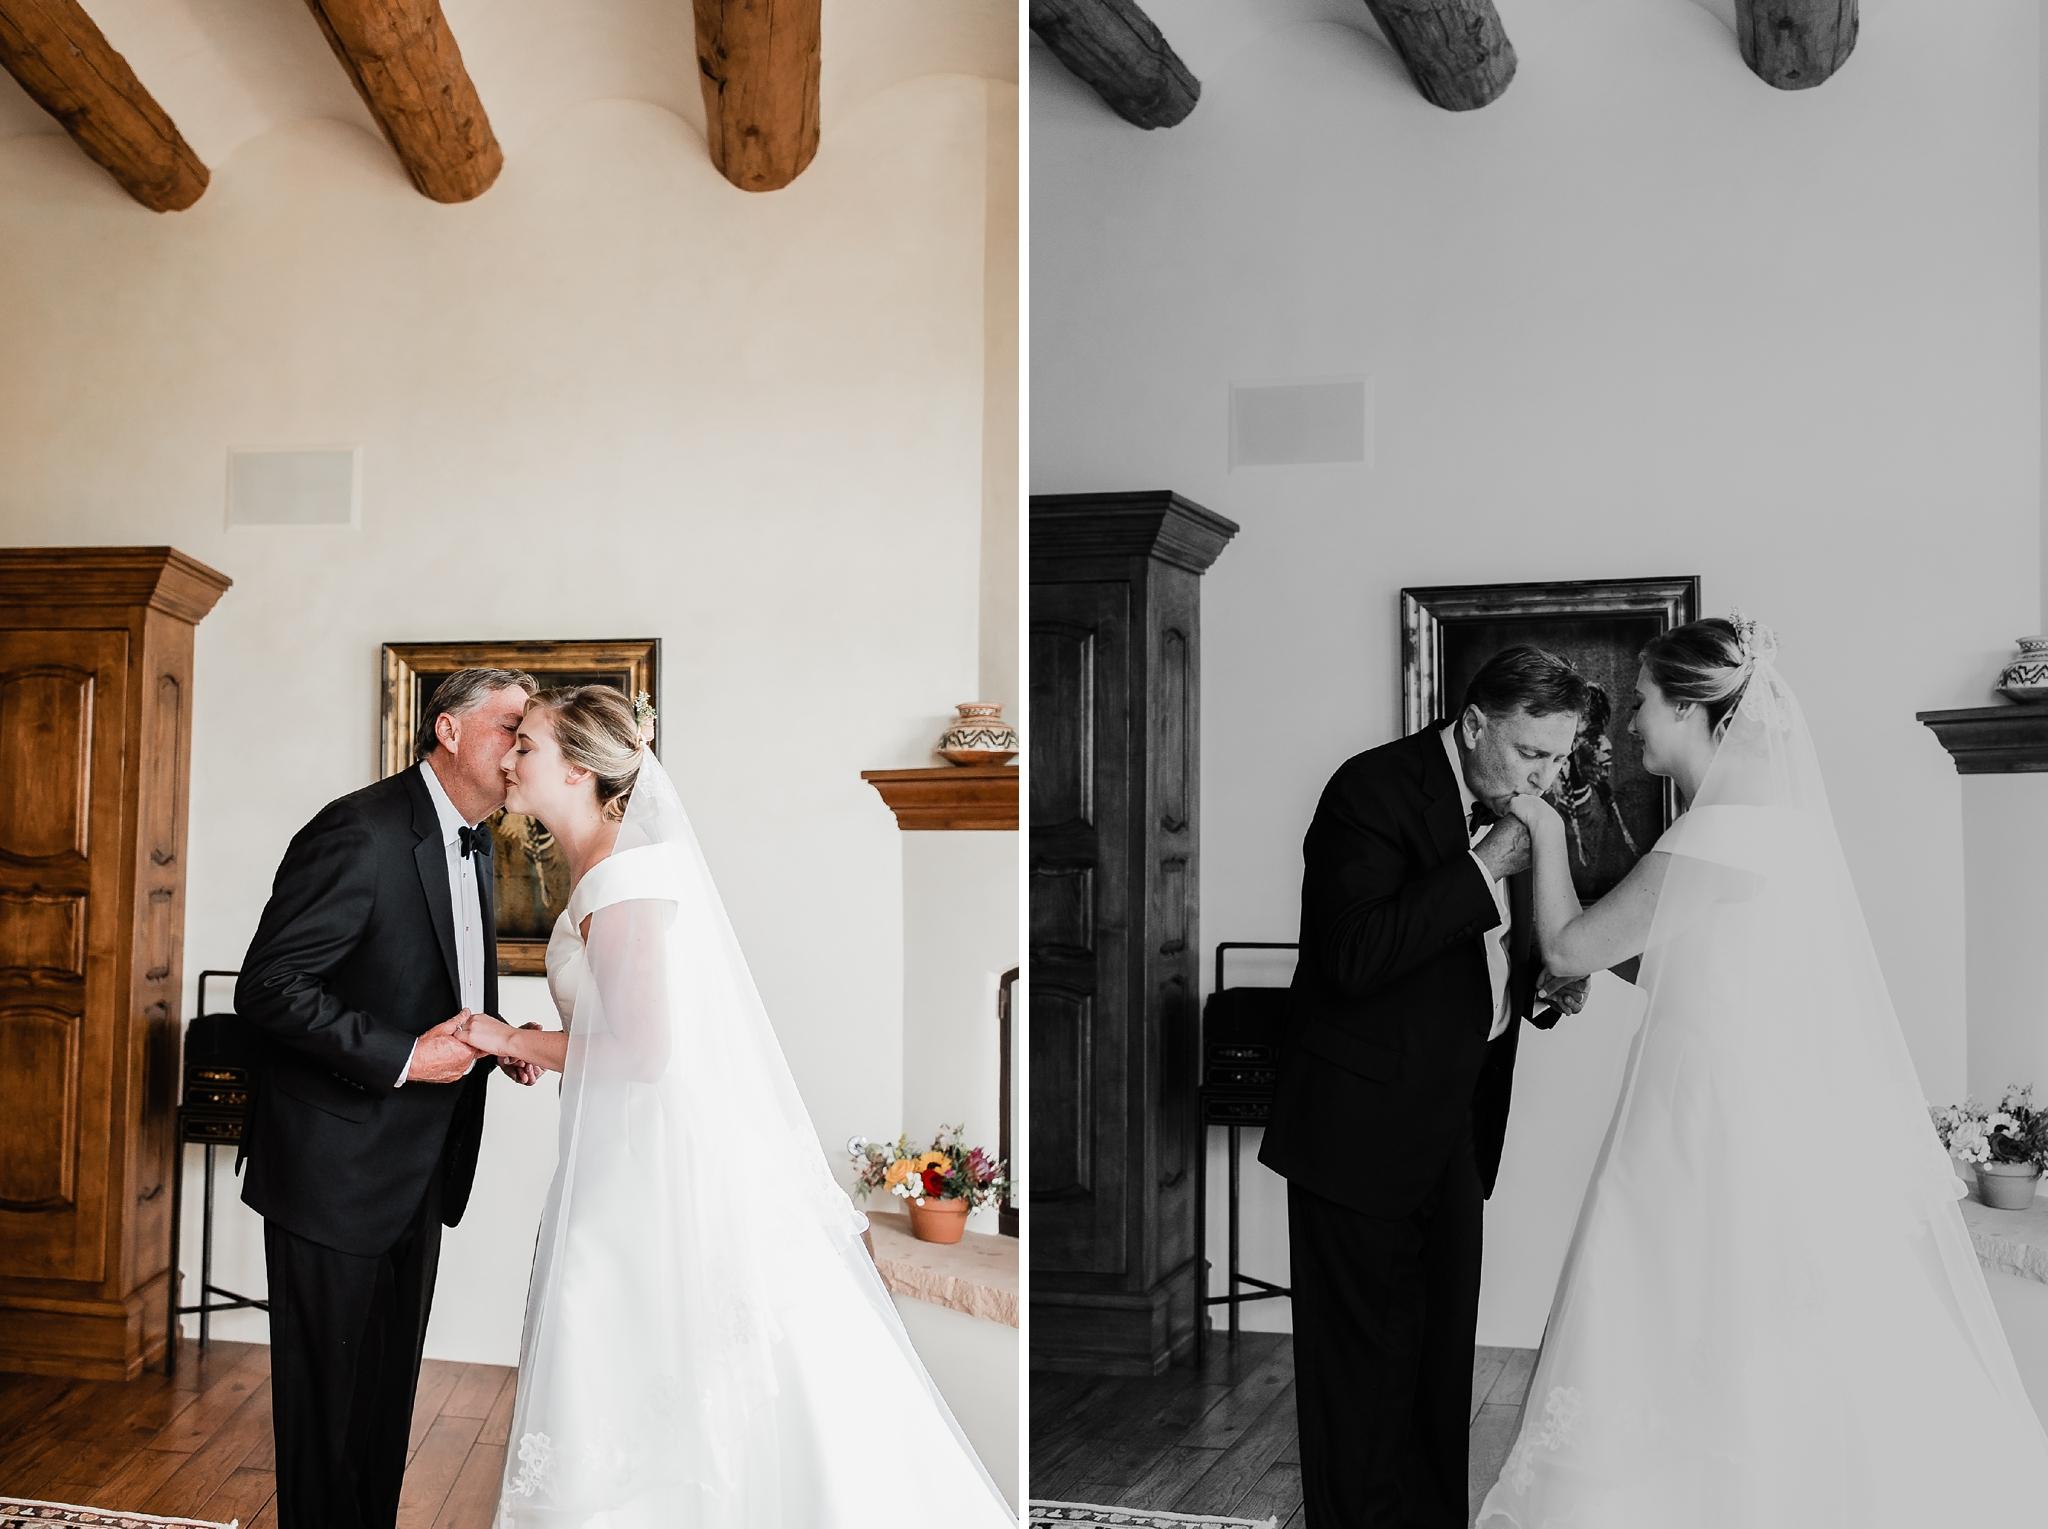 Alicia+lucia+photography+-+albuquerque+wedding+photographer+-+santa+fe+wedding+photography+-+new+mexico+wedding+photographer+-+new+mexico+wedding+-+las+campanas+wedding+-+santa+fe+wedding+-+maximalist+wedding+-+destination+wedding_0019.jpg